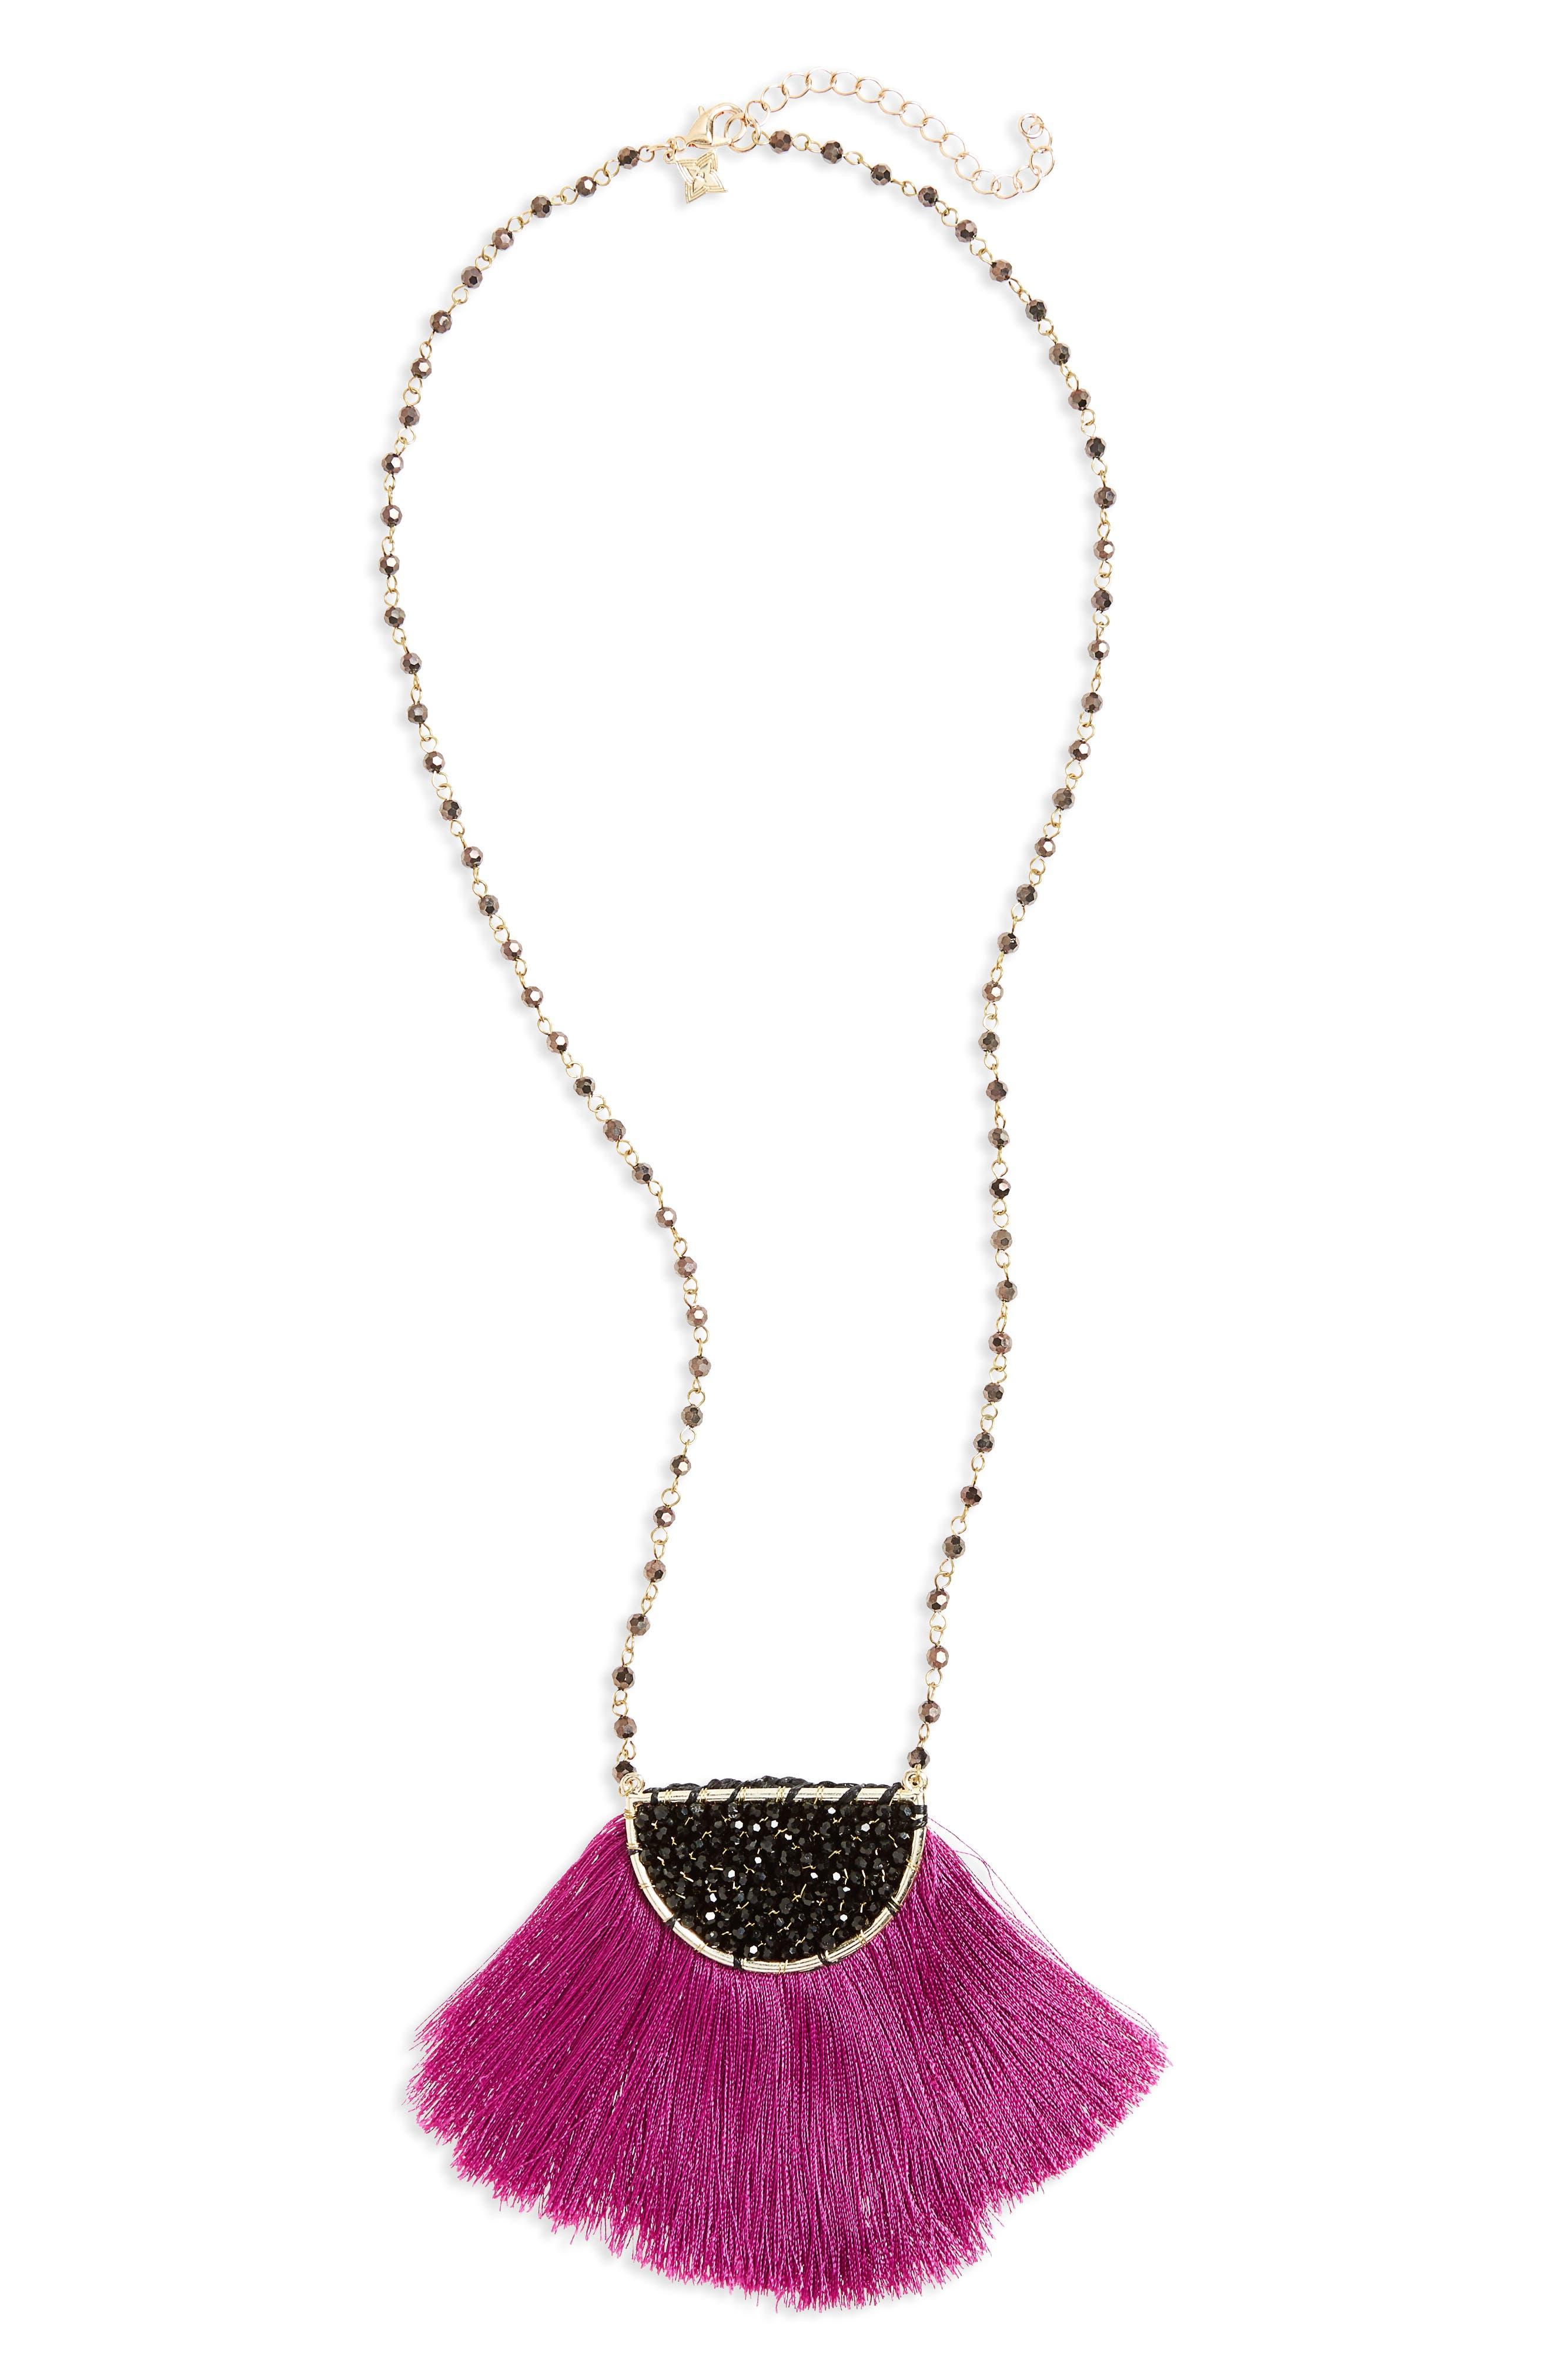 Fringe Pendant Necklace,                             Main thumbnail 1, color,                             500